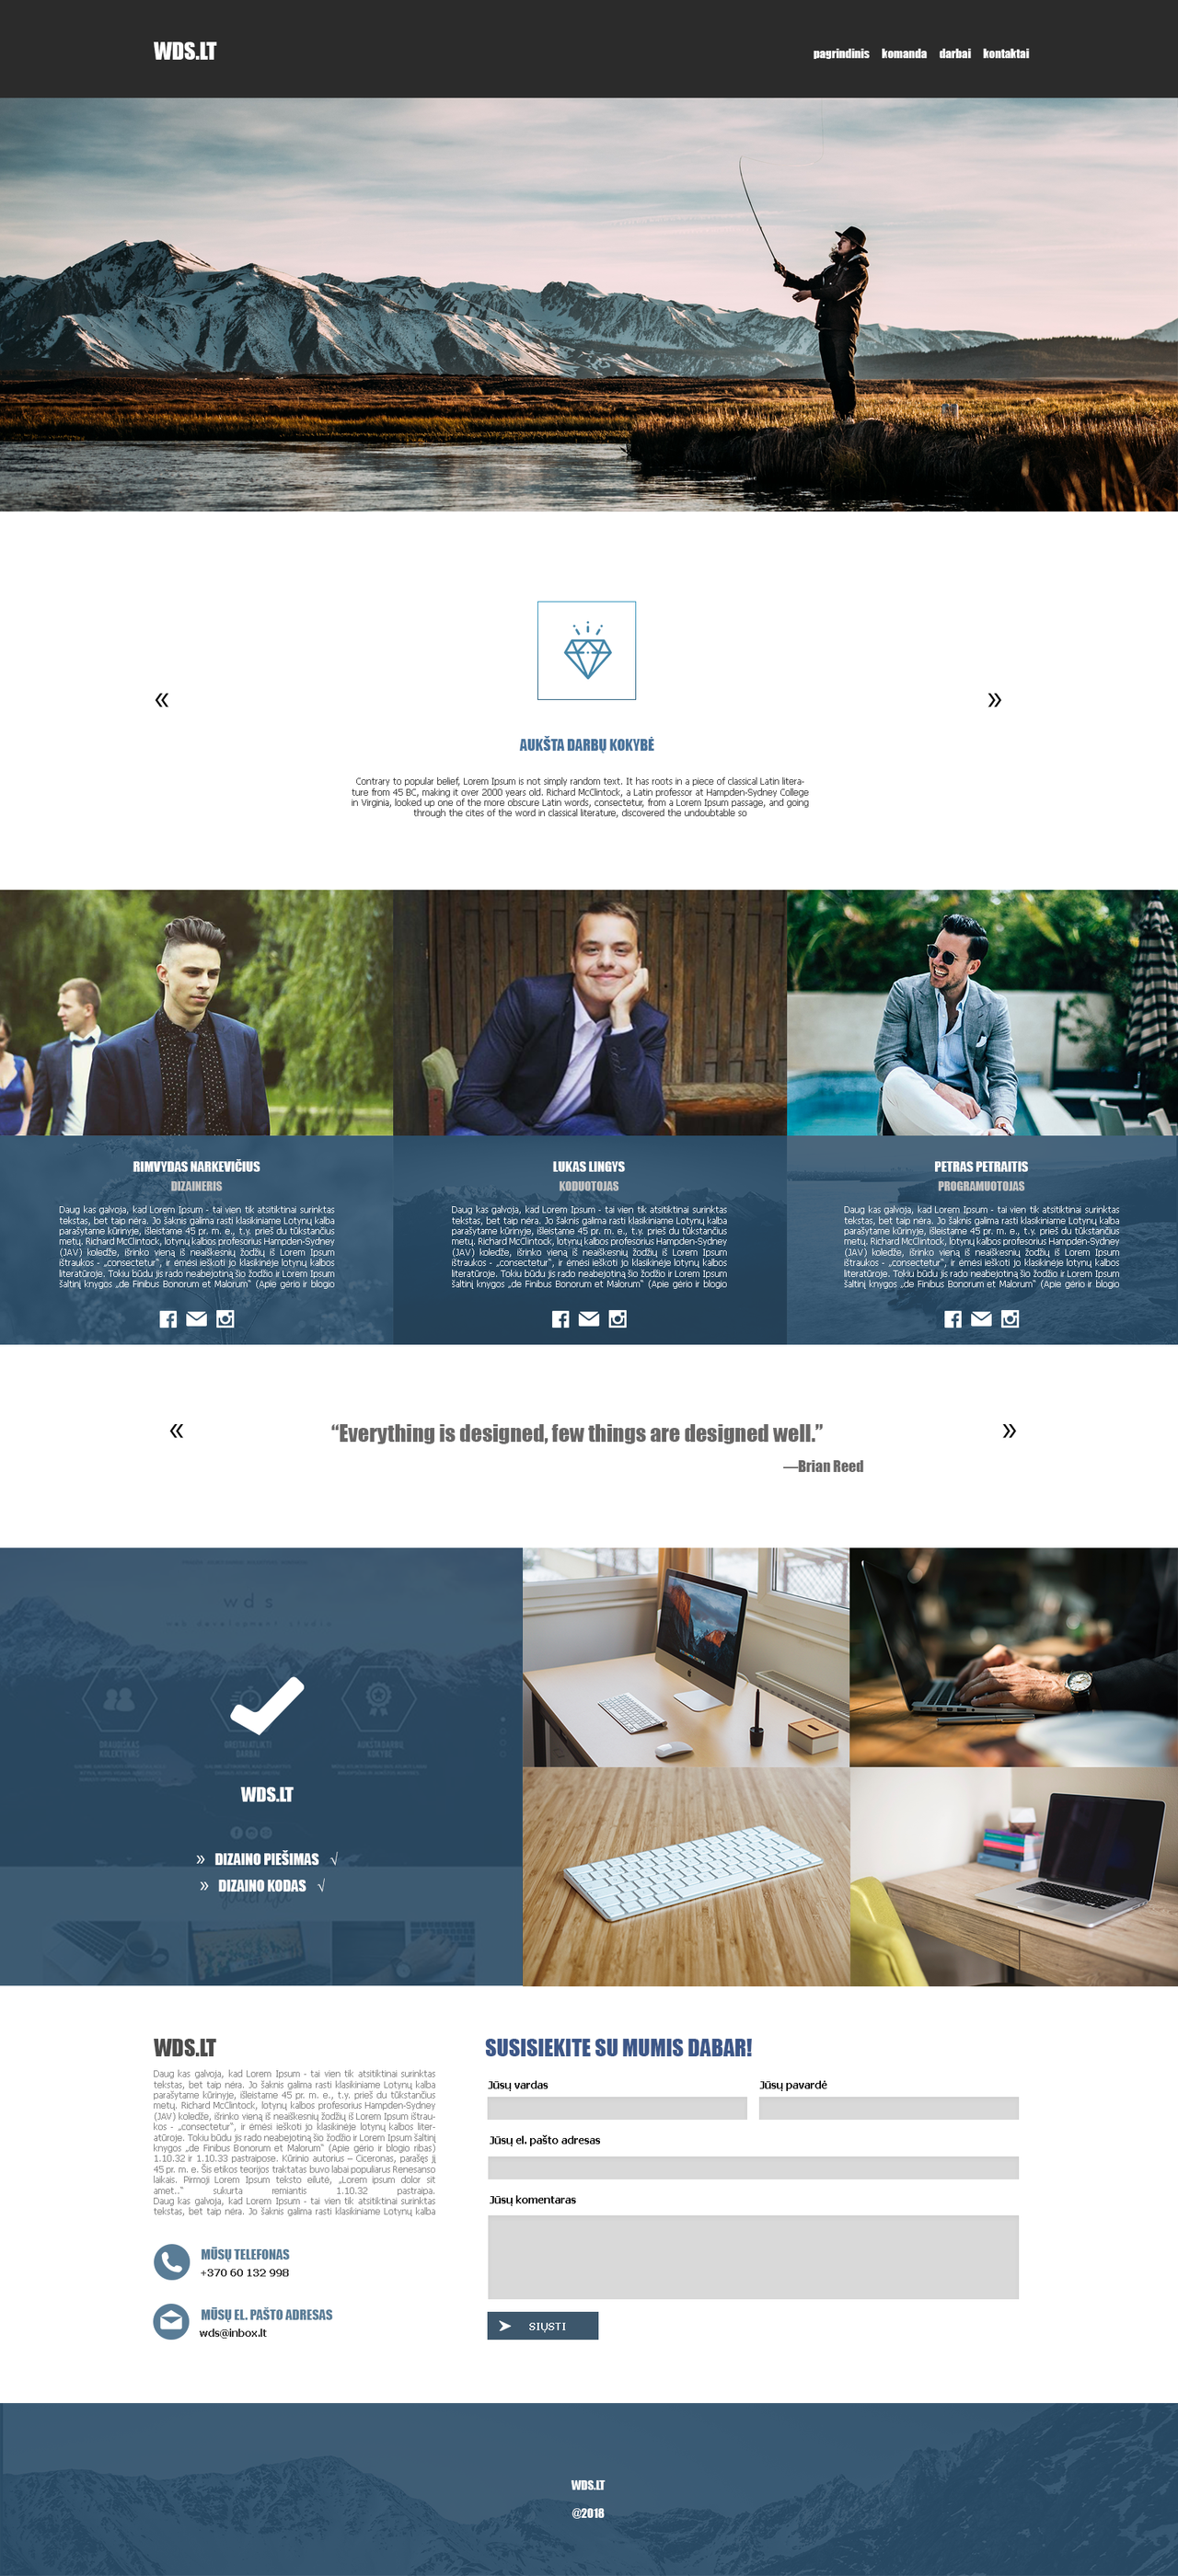 img00.deviantart.net/0e45/i/2018/086/4/0/studio_web_design_by_nenardyk-dc733ra.png